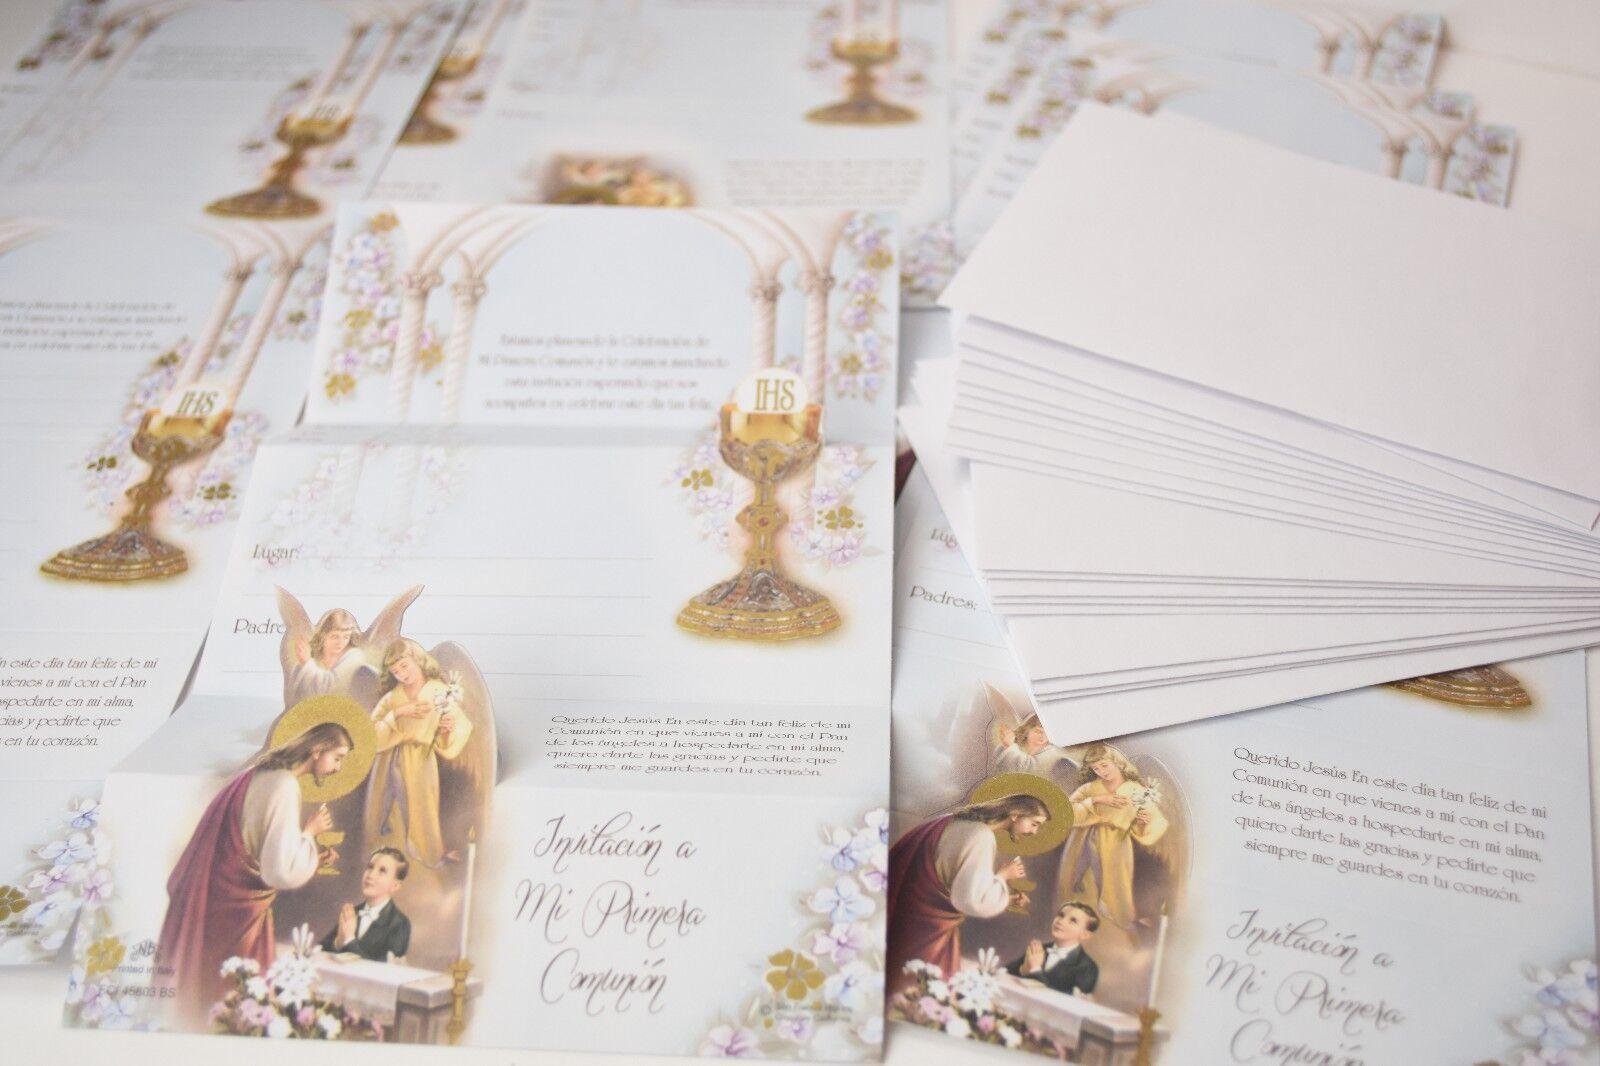 12 X INVITACIONES MI PRIMERA COMUNION NINO ESPANOL SPANISH 1ST COMMUNION INVITES